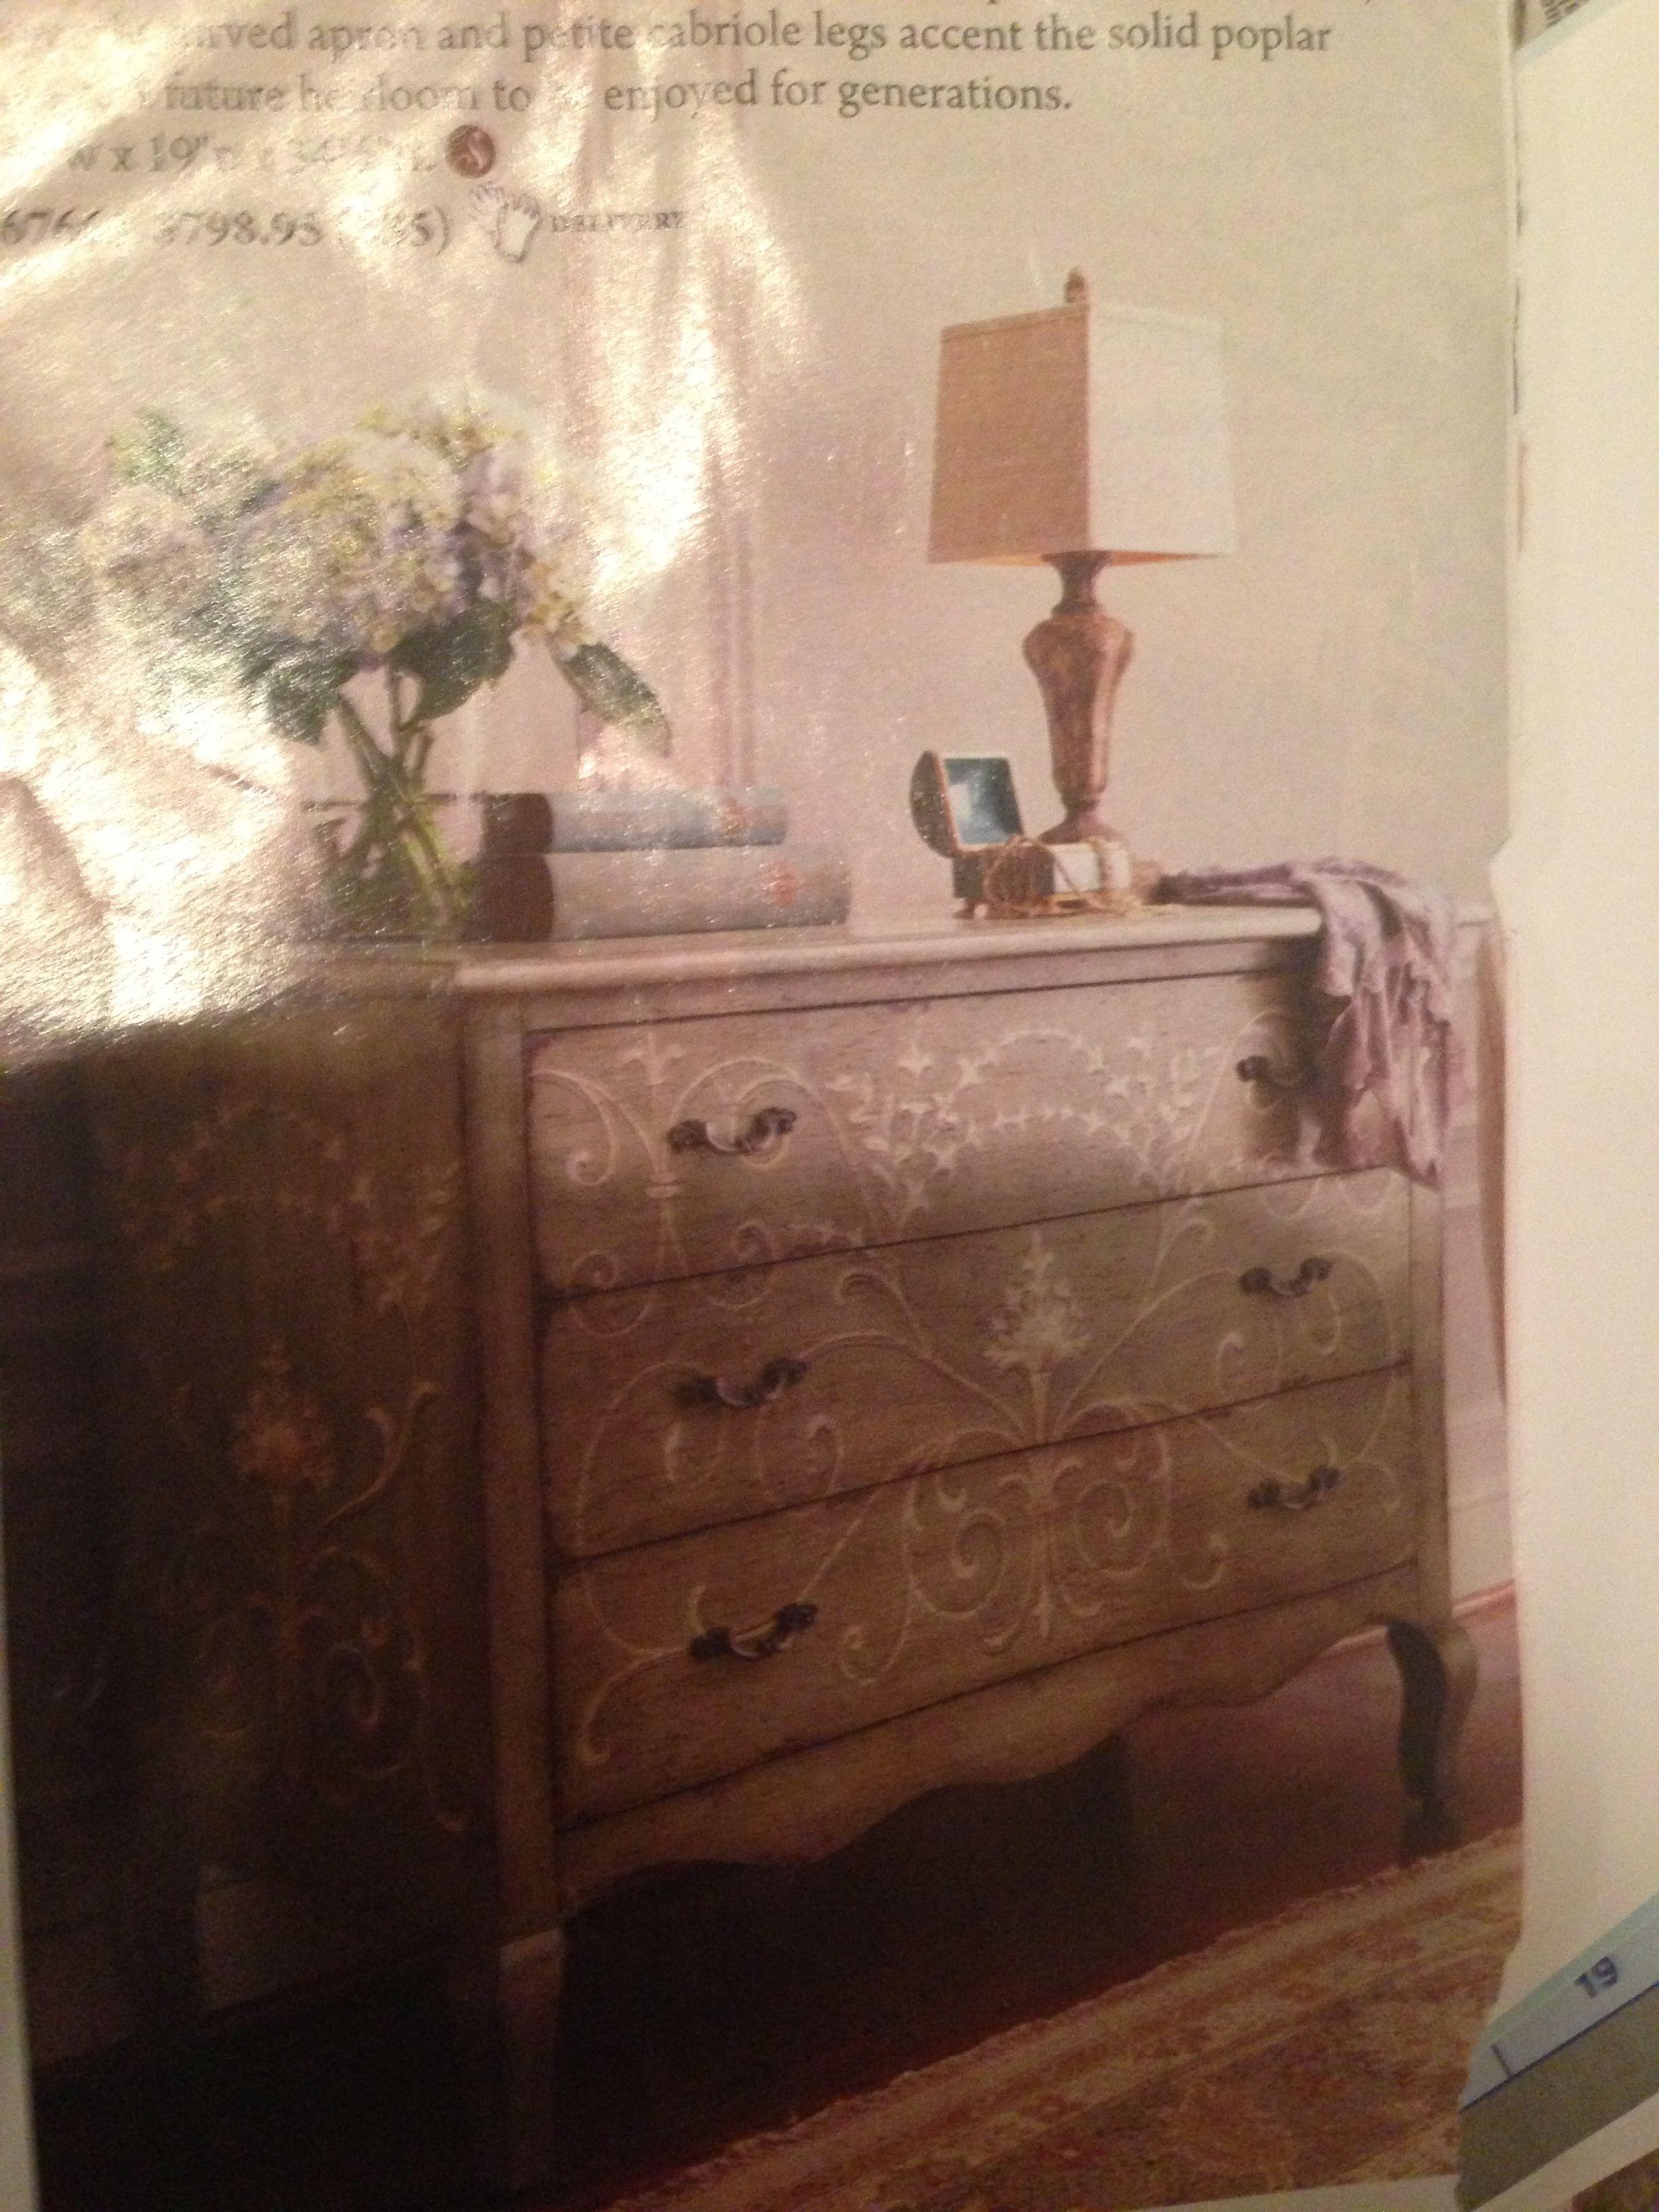 Like this paint job | Home decor, Decor, Paint job